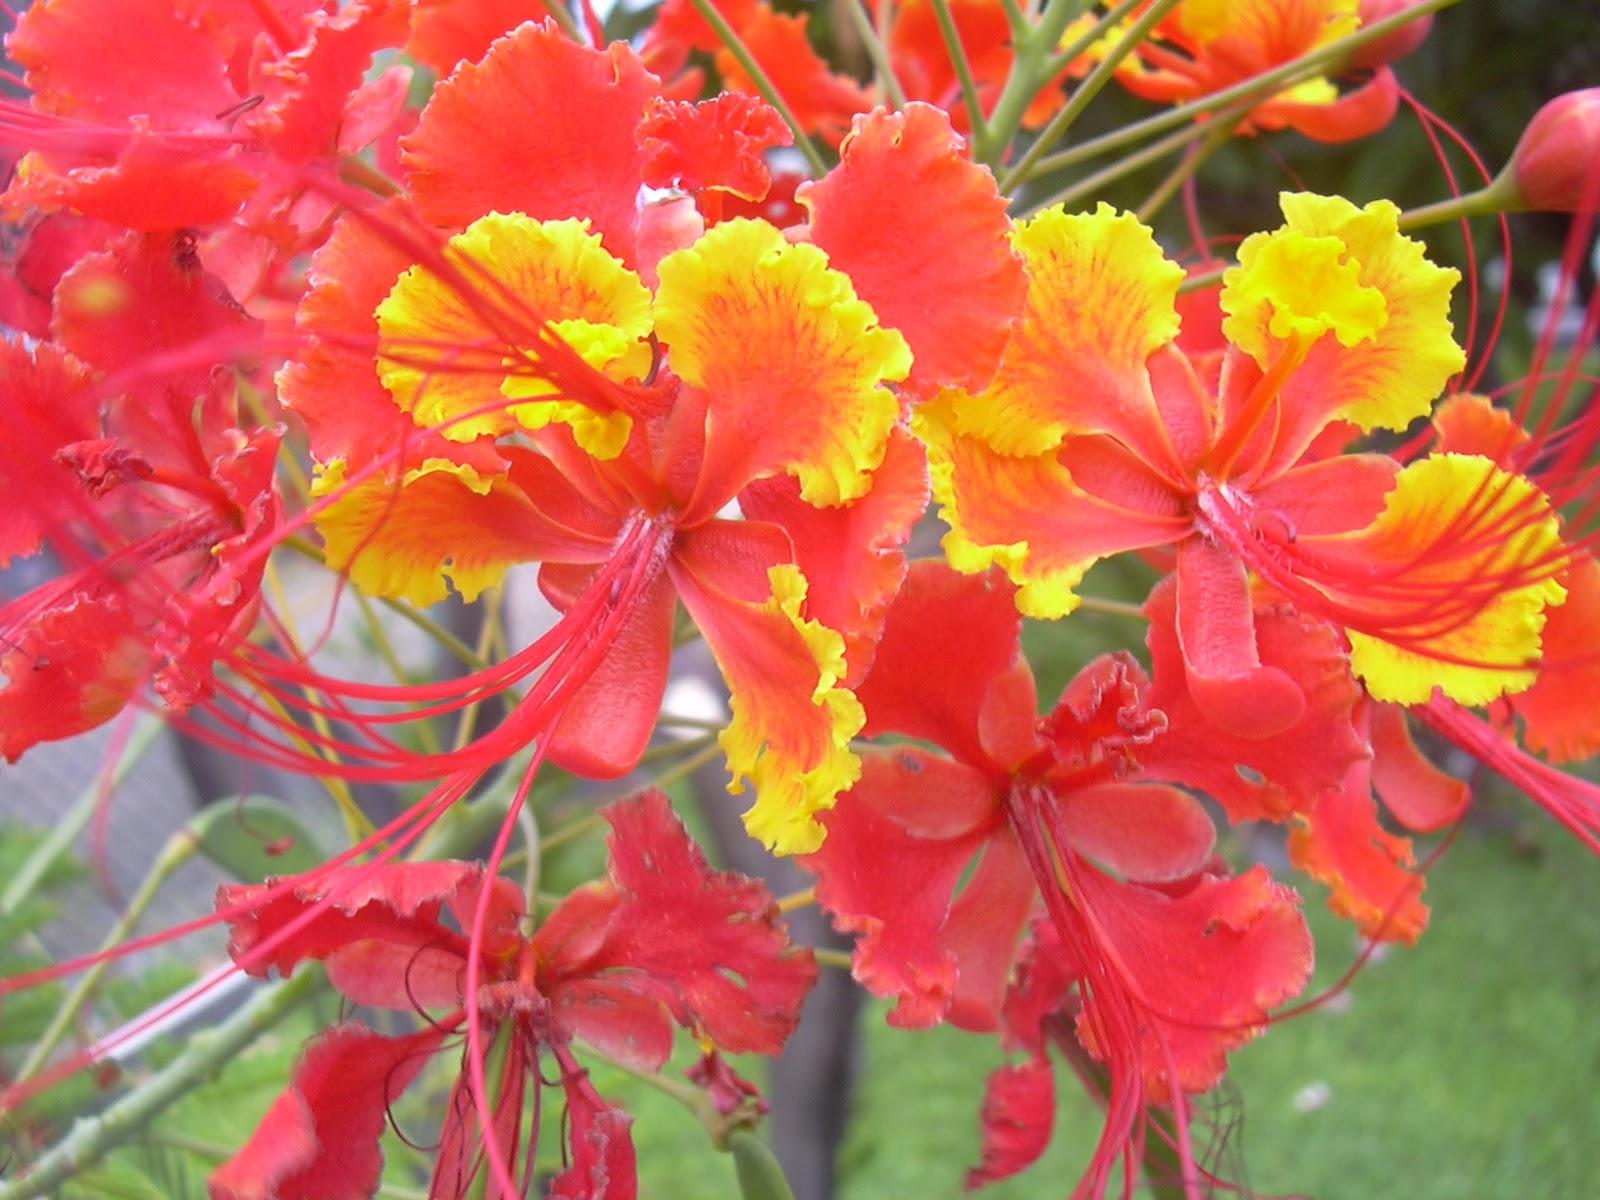 Laras desy laporan praktikum morfologi bunga ccuart Image collections